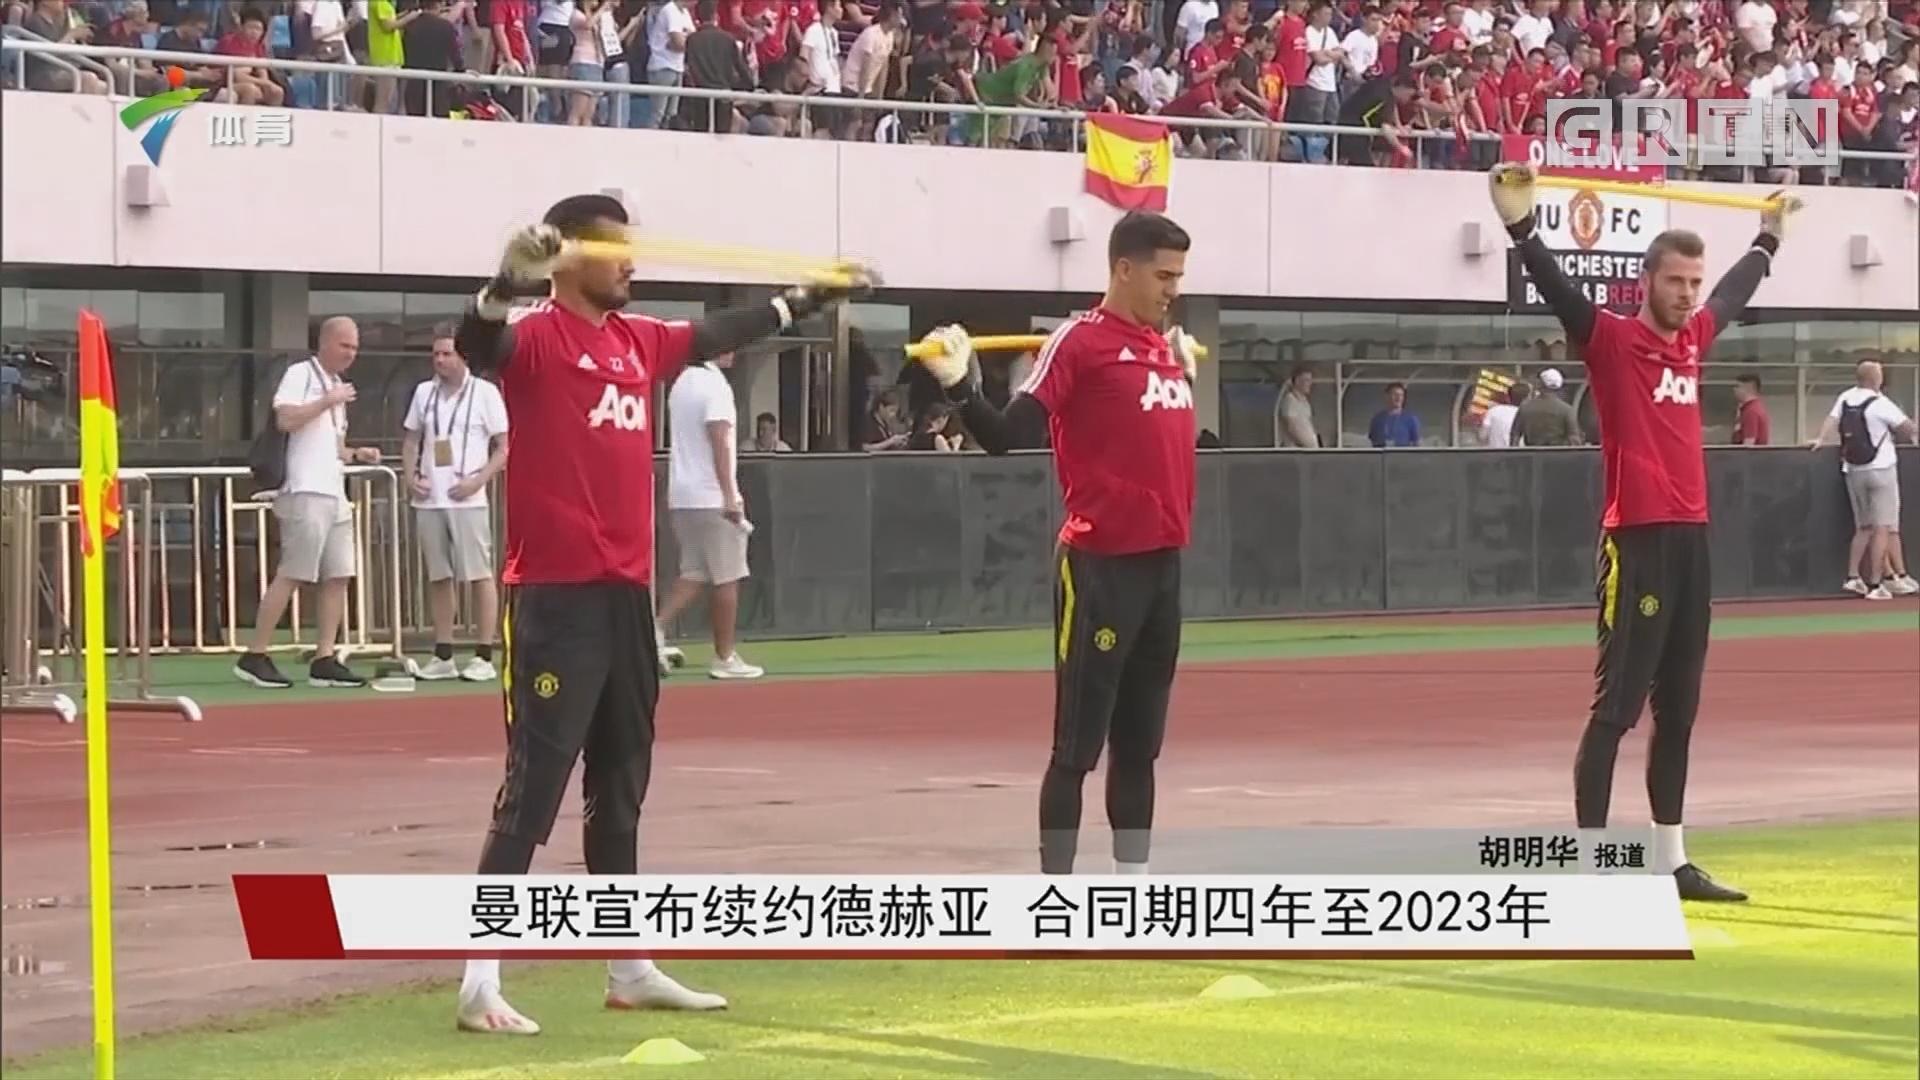 曼联宣布续约德赫亚 合同期四年至2023年